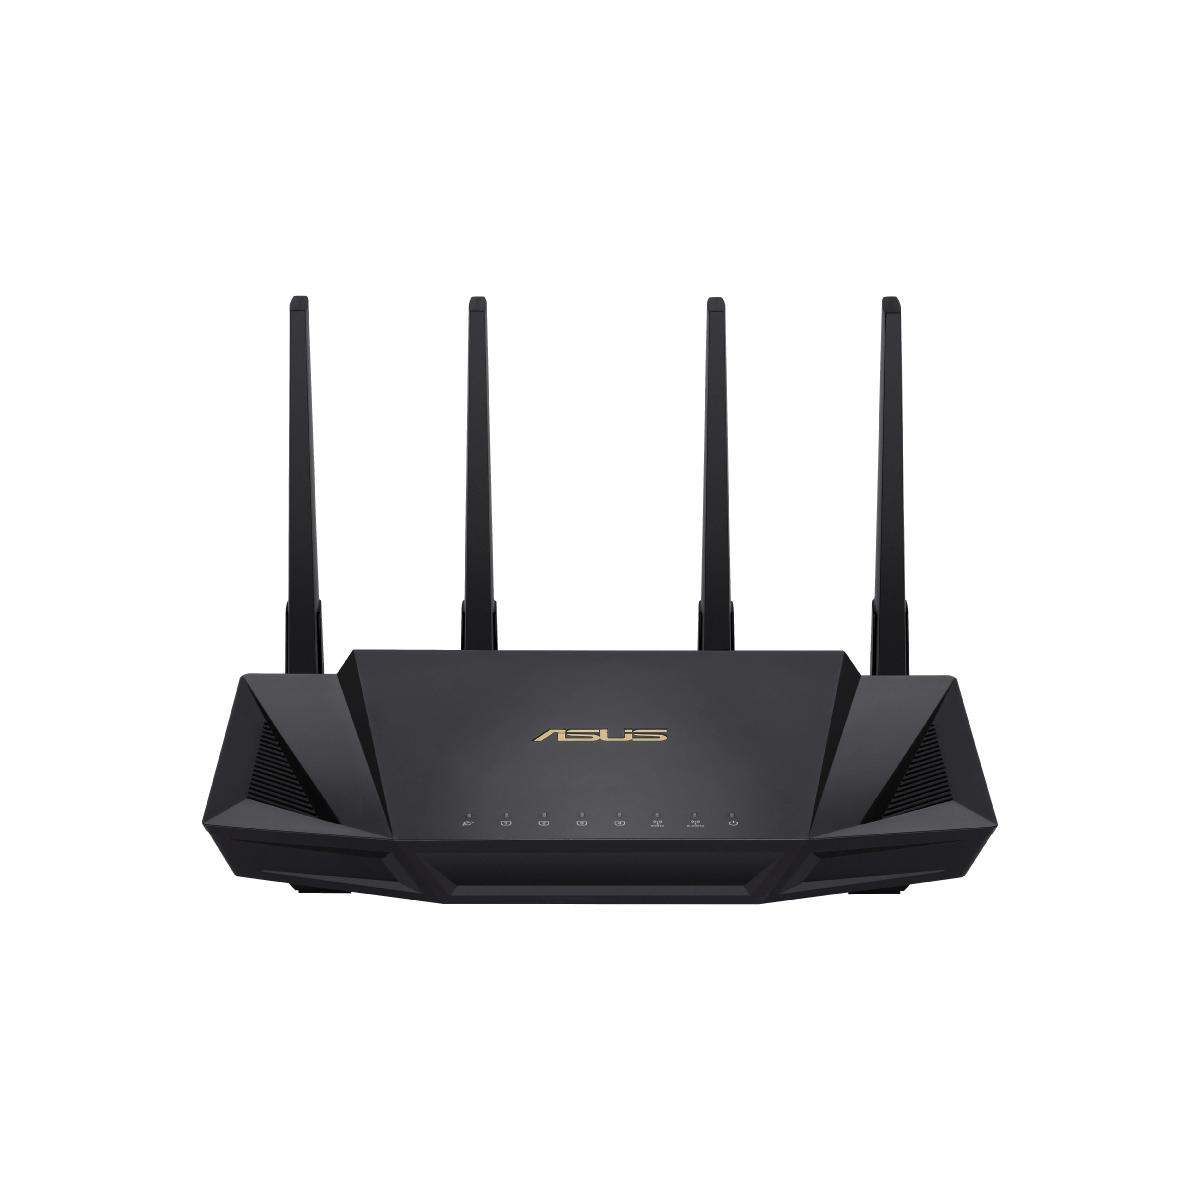 AX3000 雙頻 WiFi 6 (802.11ax)  無線路由器